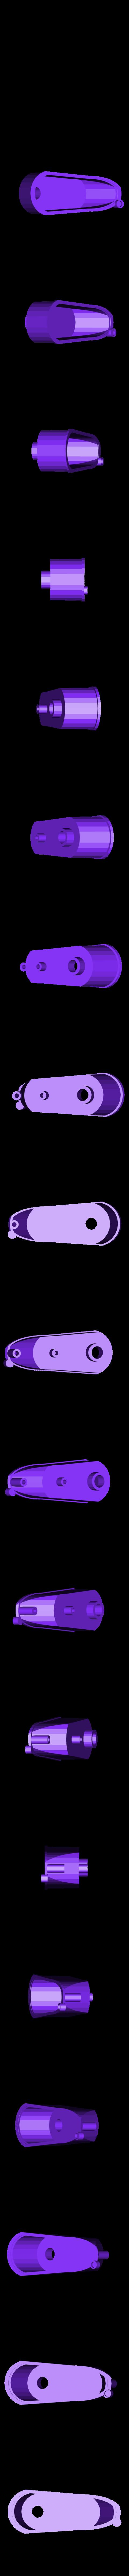 mousetrap-red-bath-tub.stl Télécharger fichier STL gratuit TortureTrap : une extension du piège à souris • Objet pour impression 3D, mrhers2